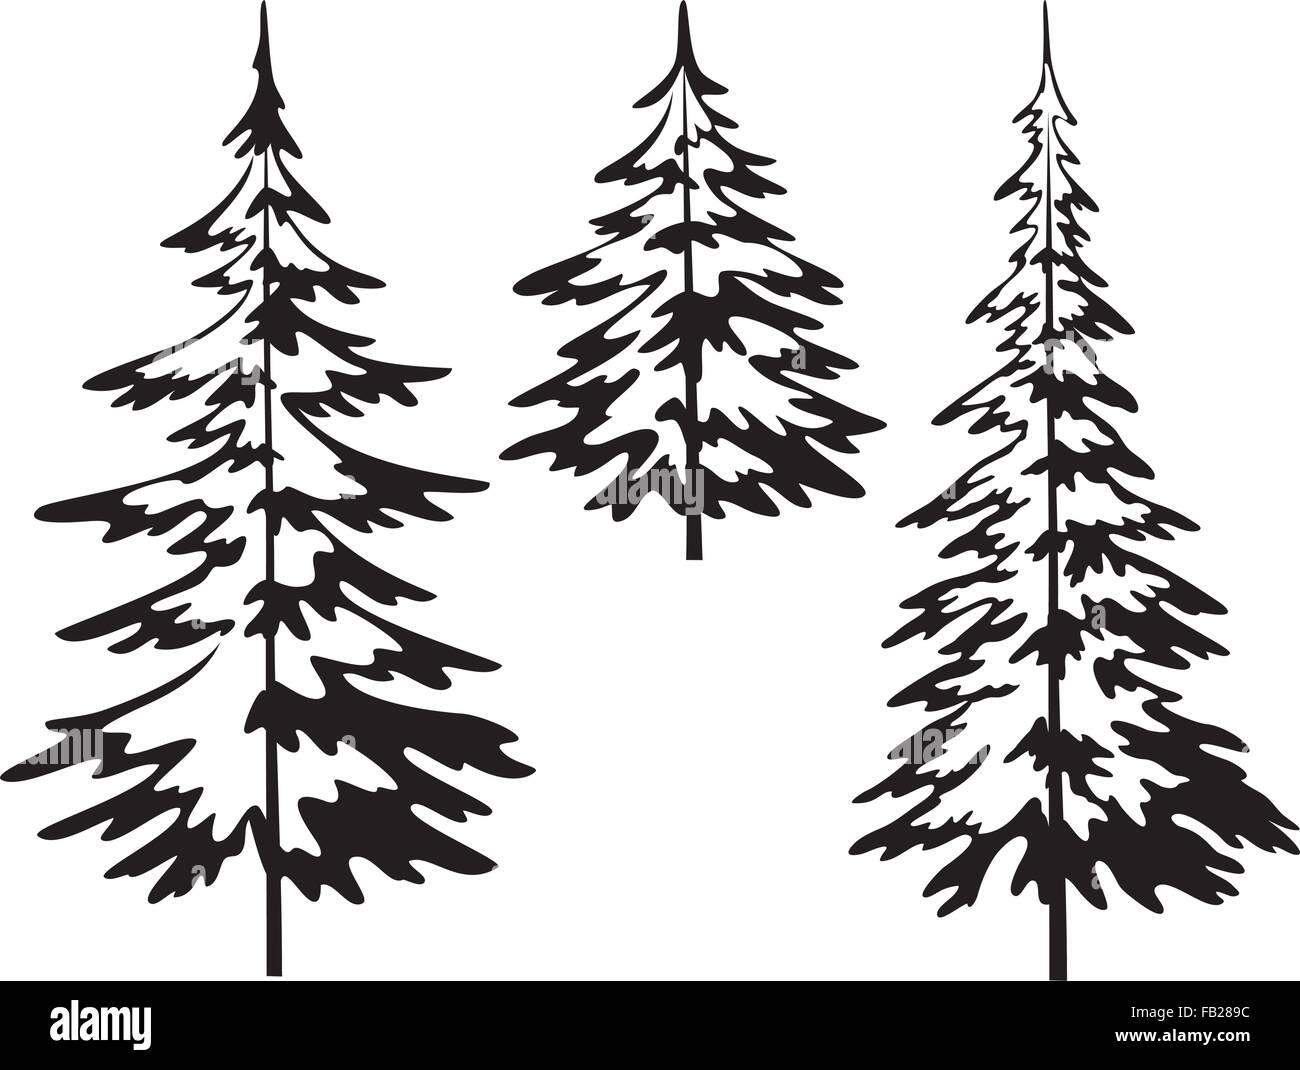 christmas fir tree contours stock vector art illustration vector  christmas fir tree contours